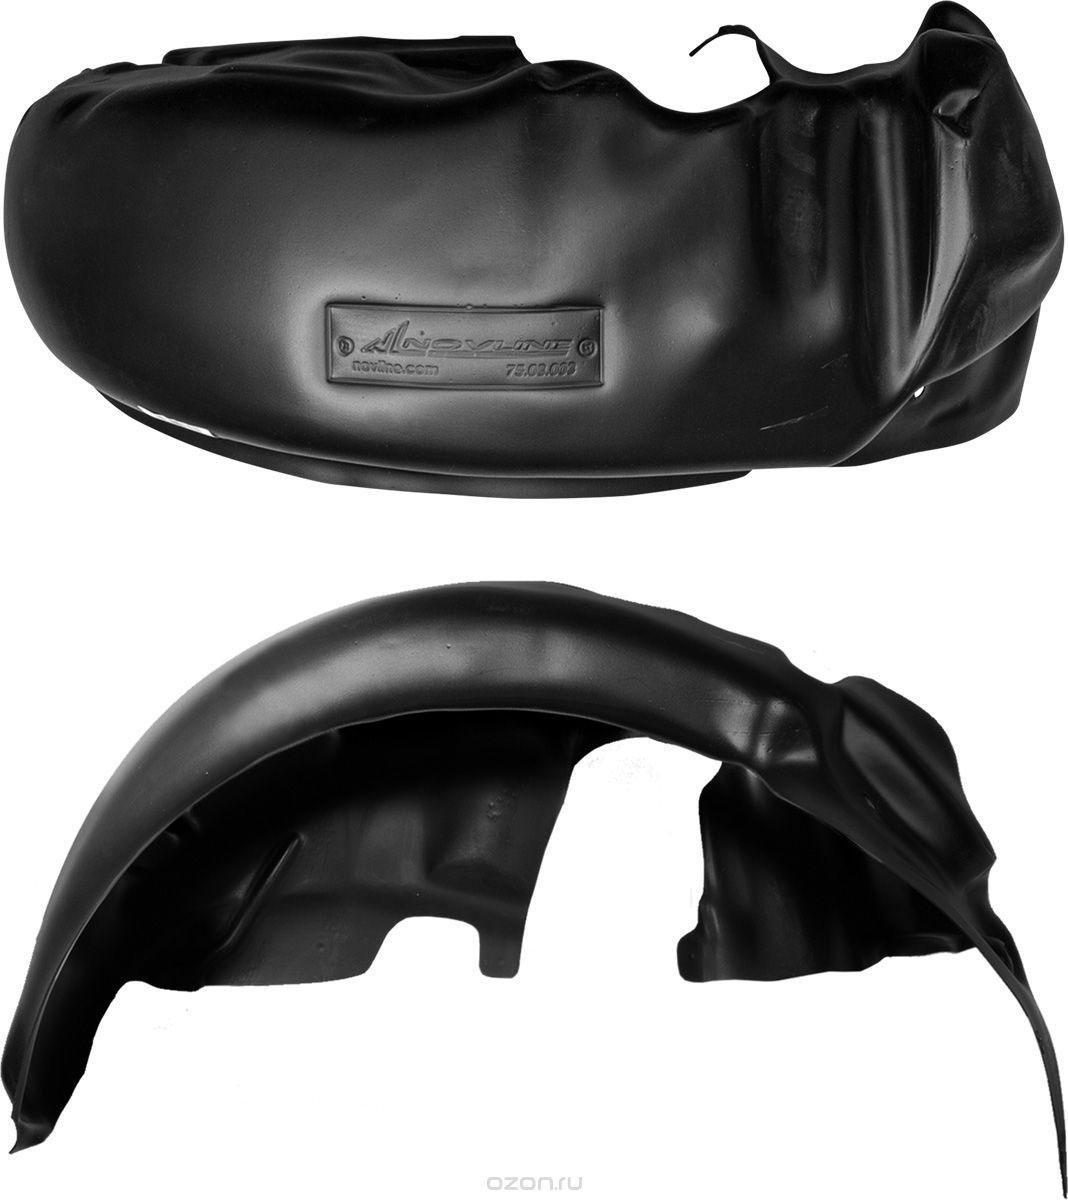 Подкрылок Novline-Autofamily, для HAIMA 7, 2013->, задний левыйNLL.83.02.003Идеальная защита колесной ниши. Локеры разработаны с применением цифровых технологий, гарантируют максимальную повторяемость поверхности арки. Изделия устанавливаются без нарушения лакокрасочного покрытия автомобиля, каждый подкрылок комплектуется крепежом. Уважаемые клиенты, обращаем ваше внимание, что фотографии на подкрылки универсальные и не отражают реальную форму изделия. При этом само изделие идет точно под размер указанного автомобиля.